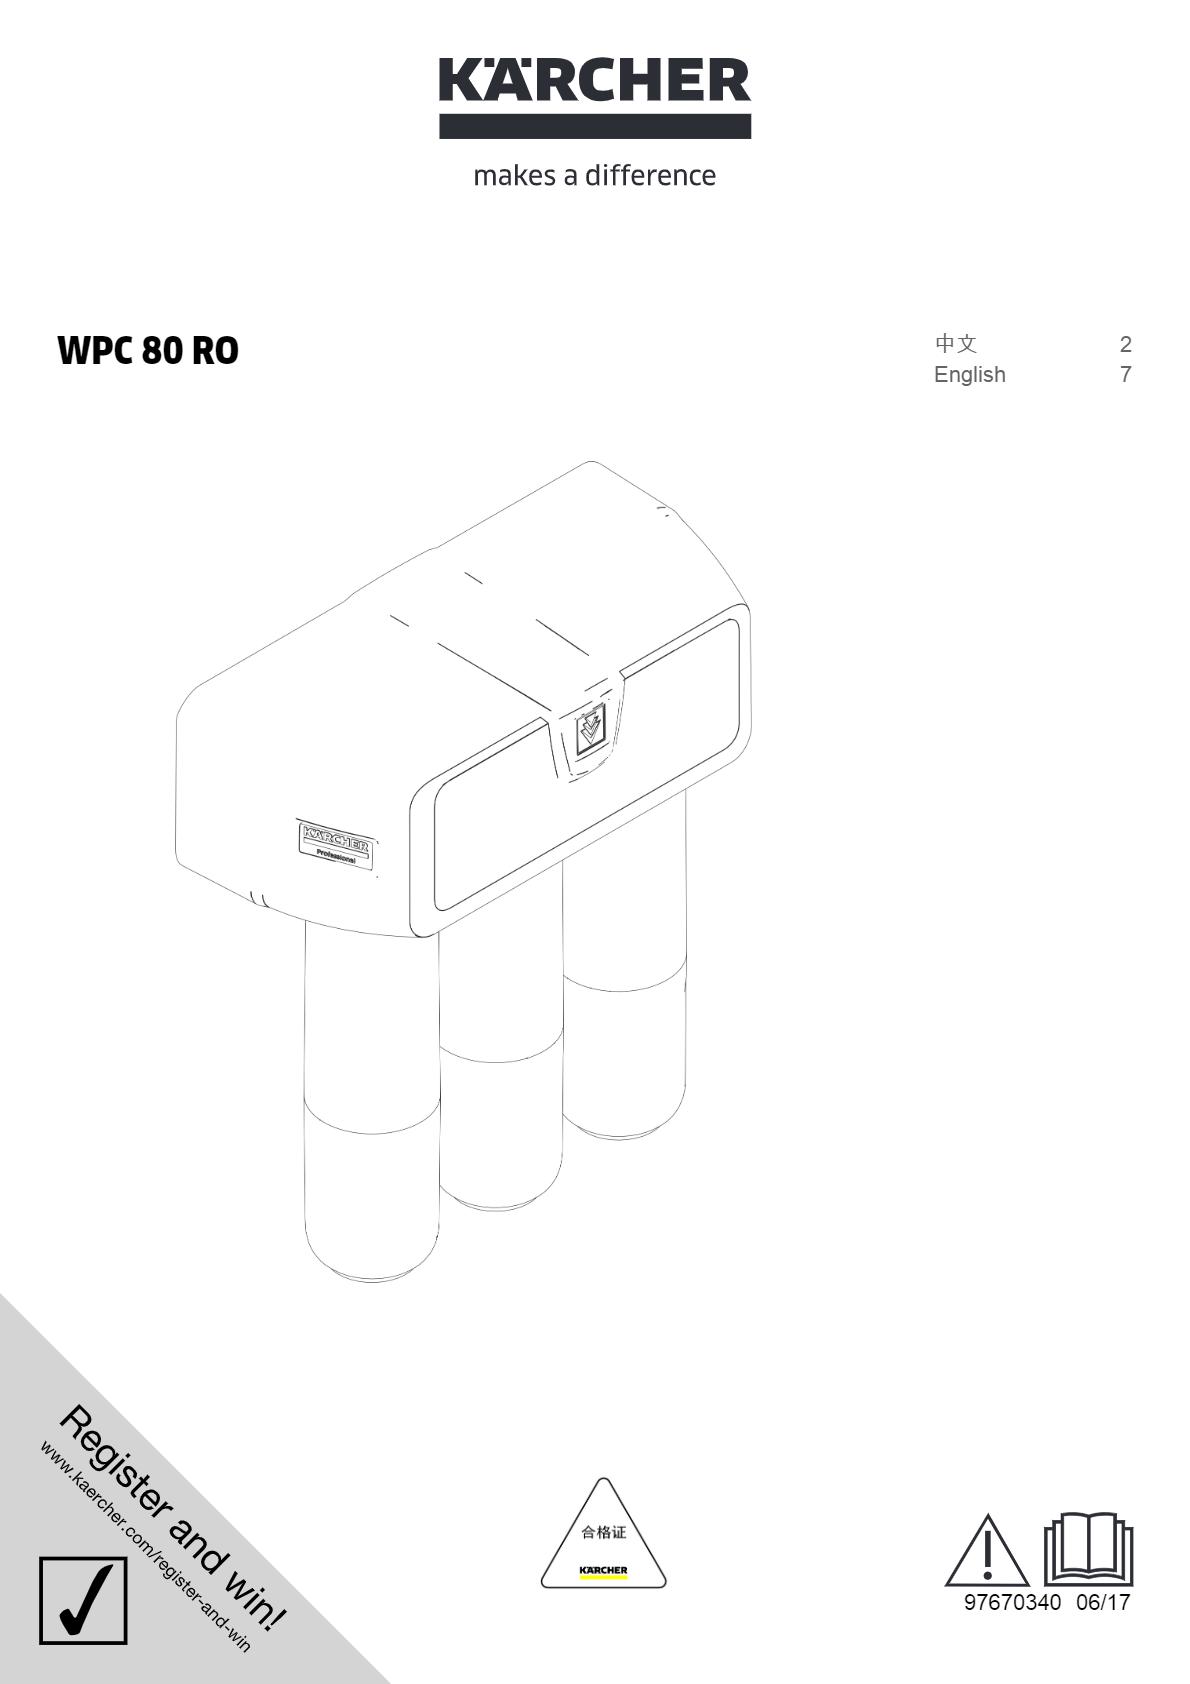 饮用水处理装置 WPC 80 RO 说明书说明书下载